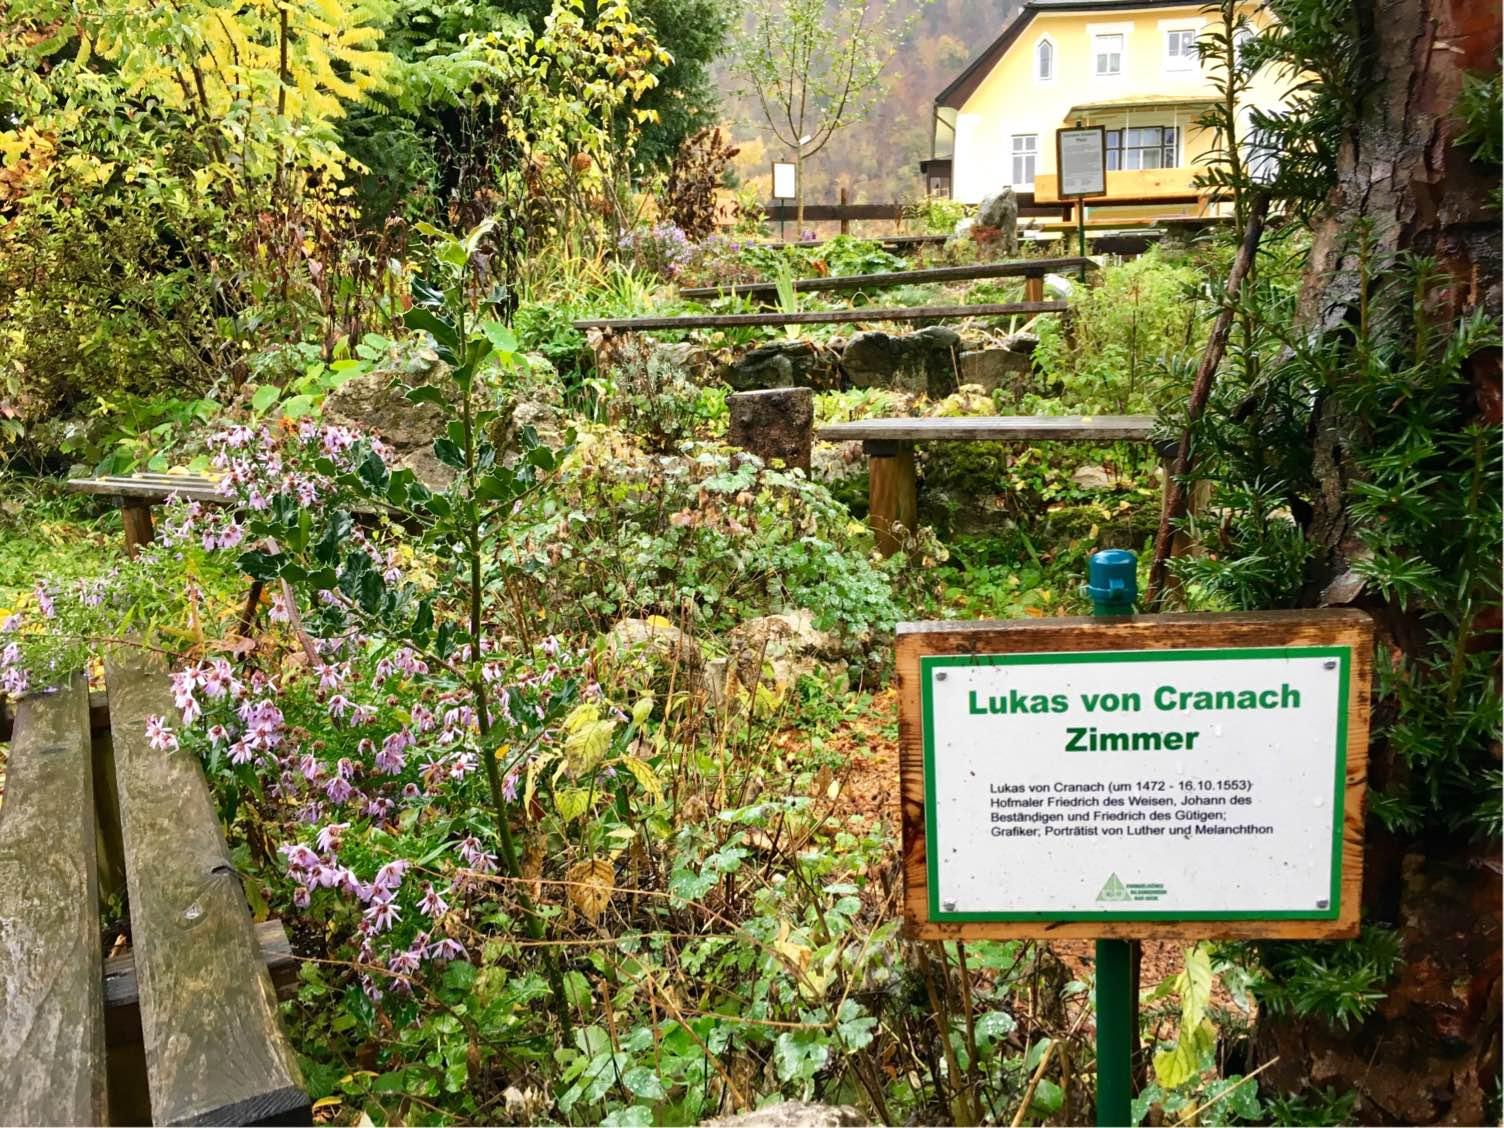 Lukas von Cranach Zimmer im Carolus Clusius Garten